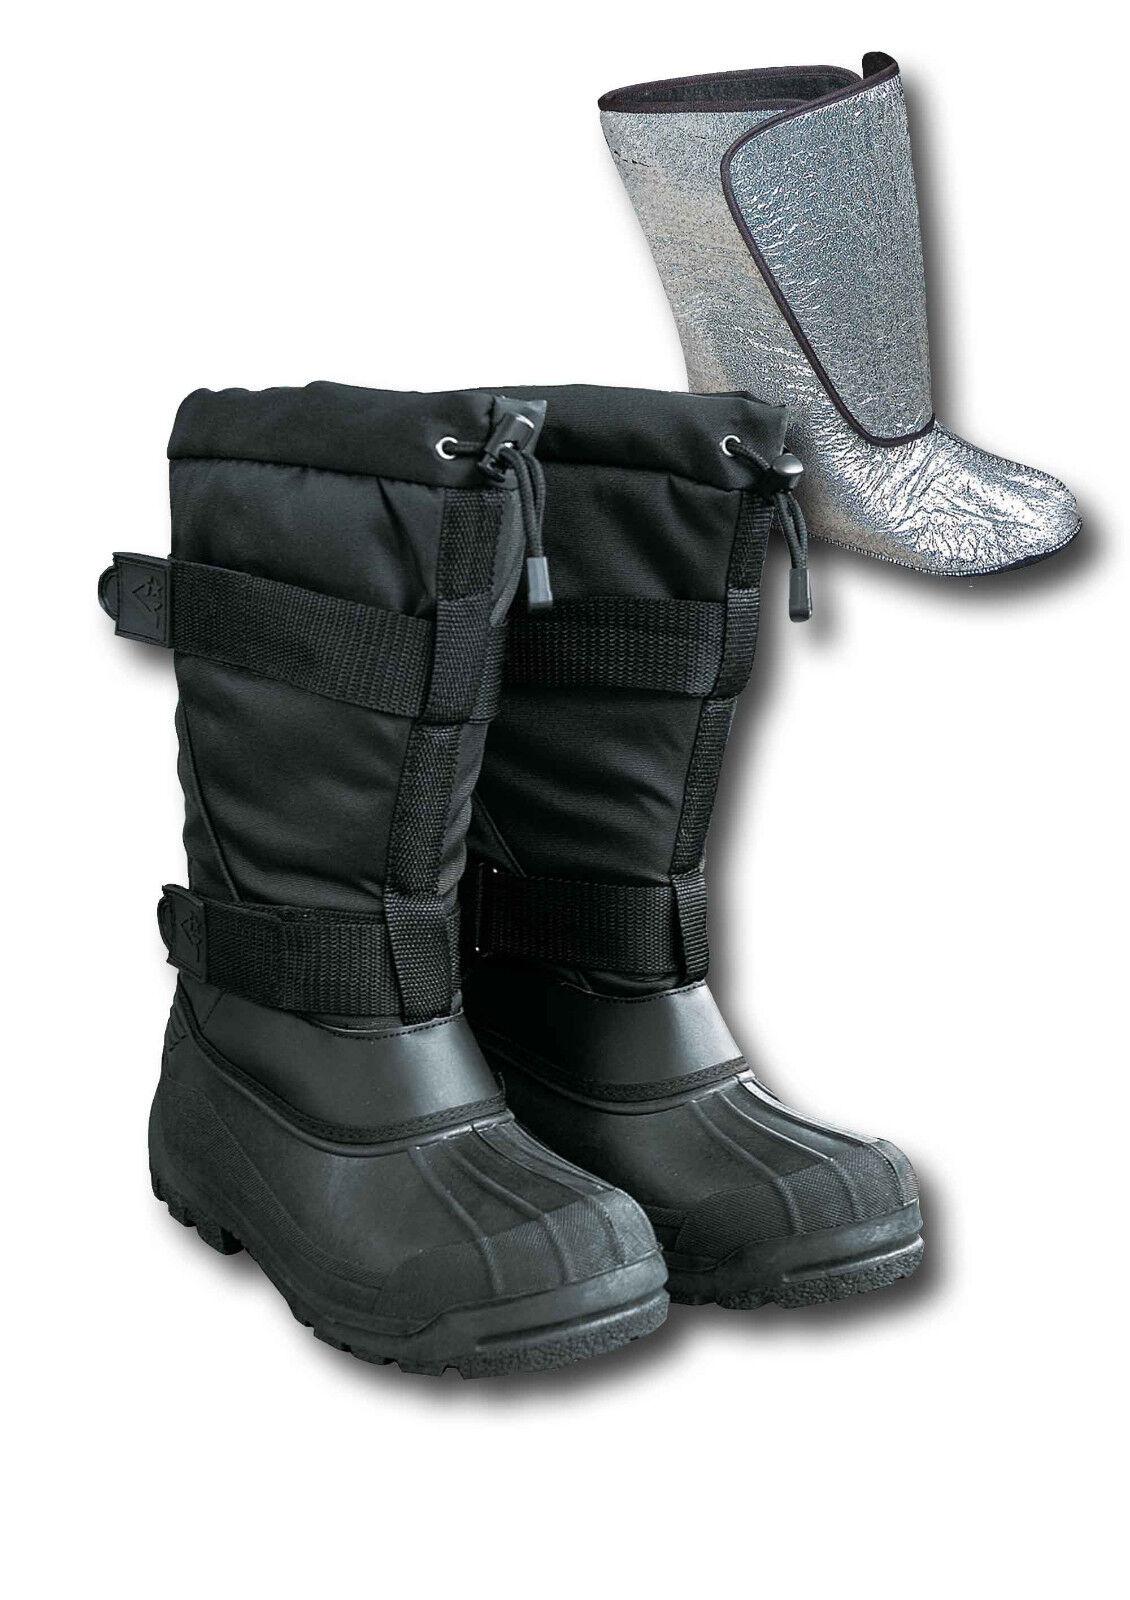 Aktion Arctic Boots Thermostiefel Winterstiefel Schutzstiefel Winter Schneeschuh